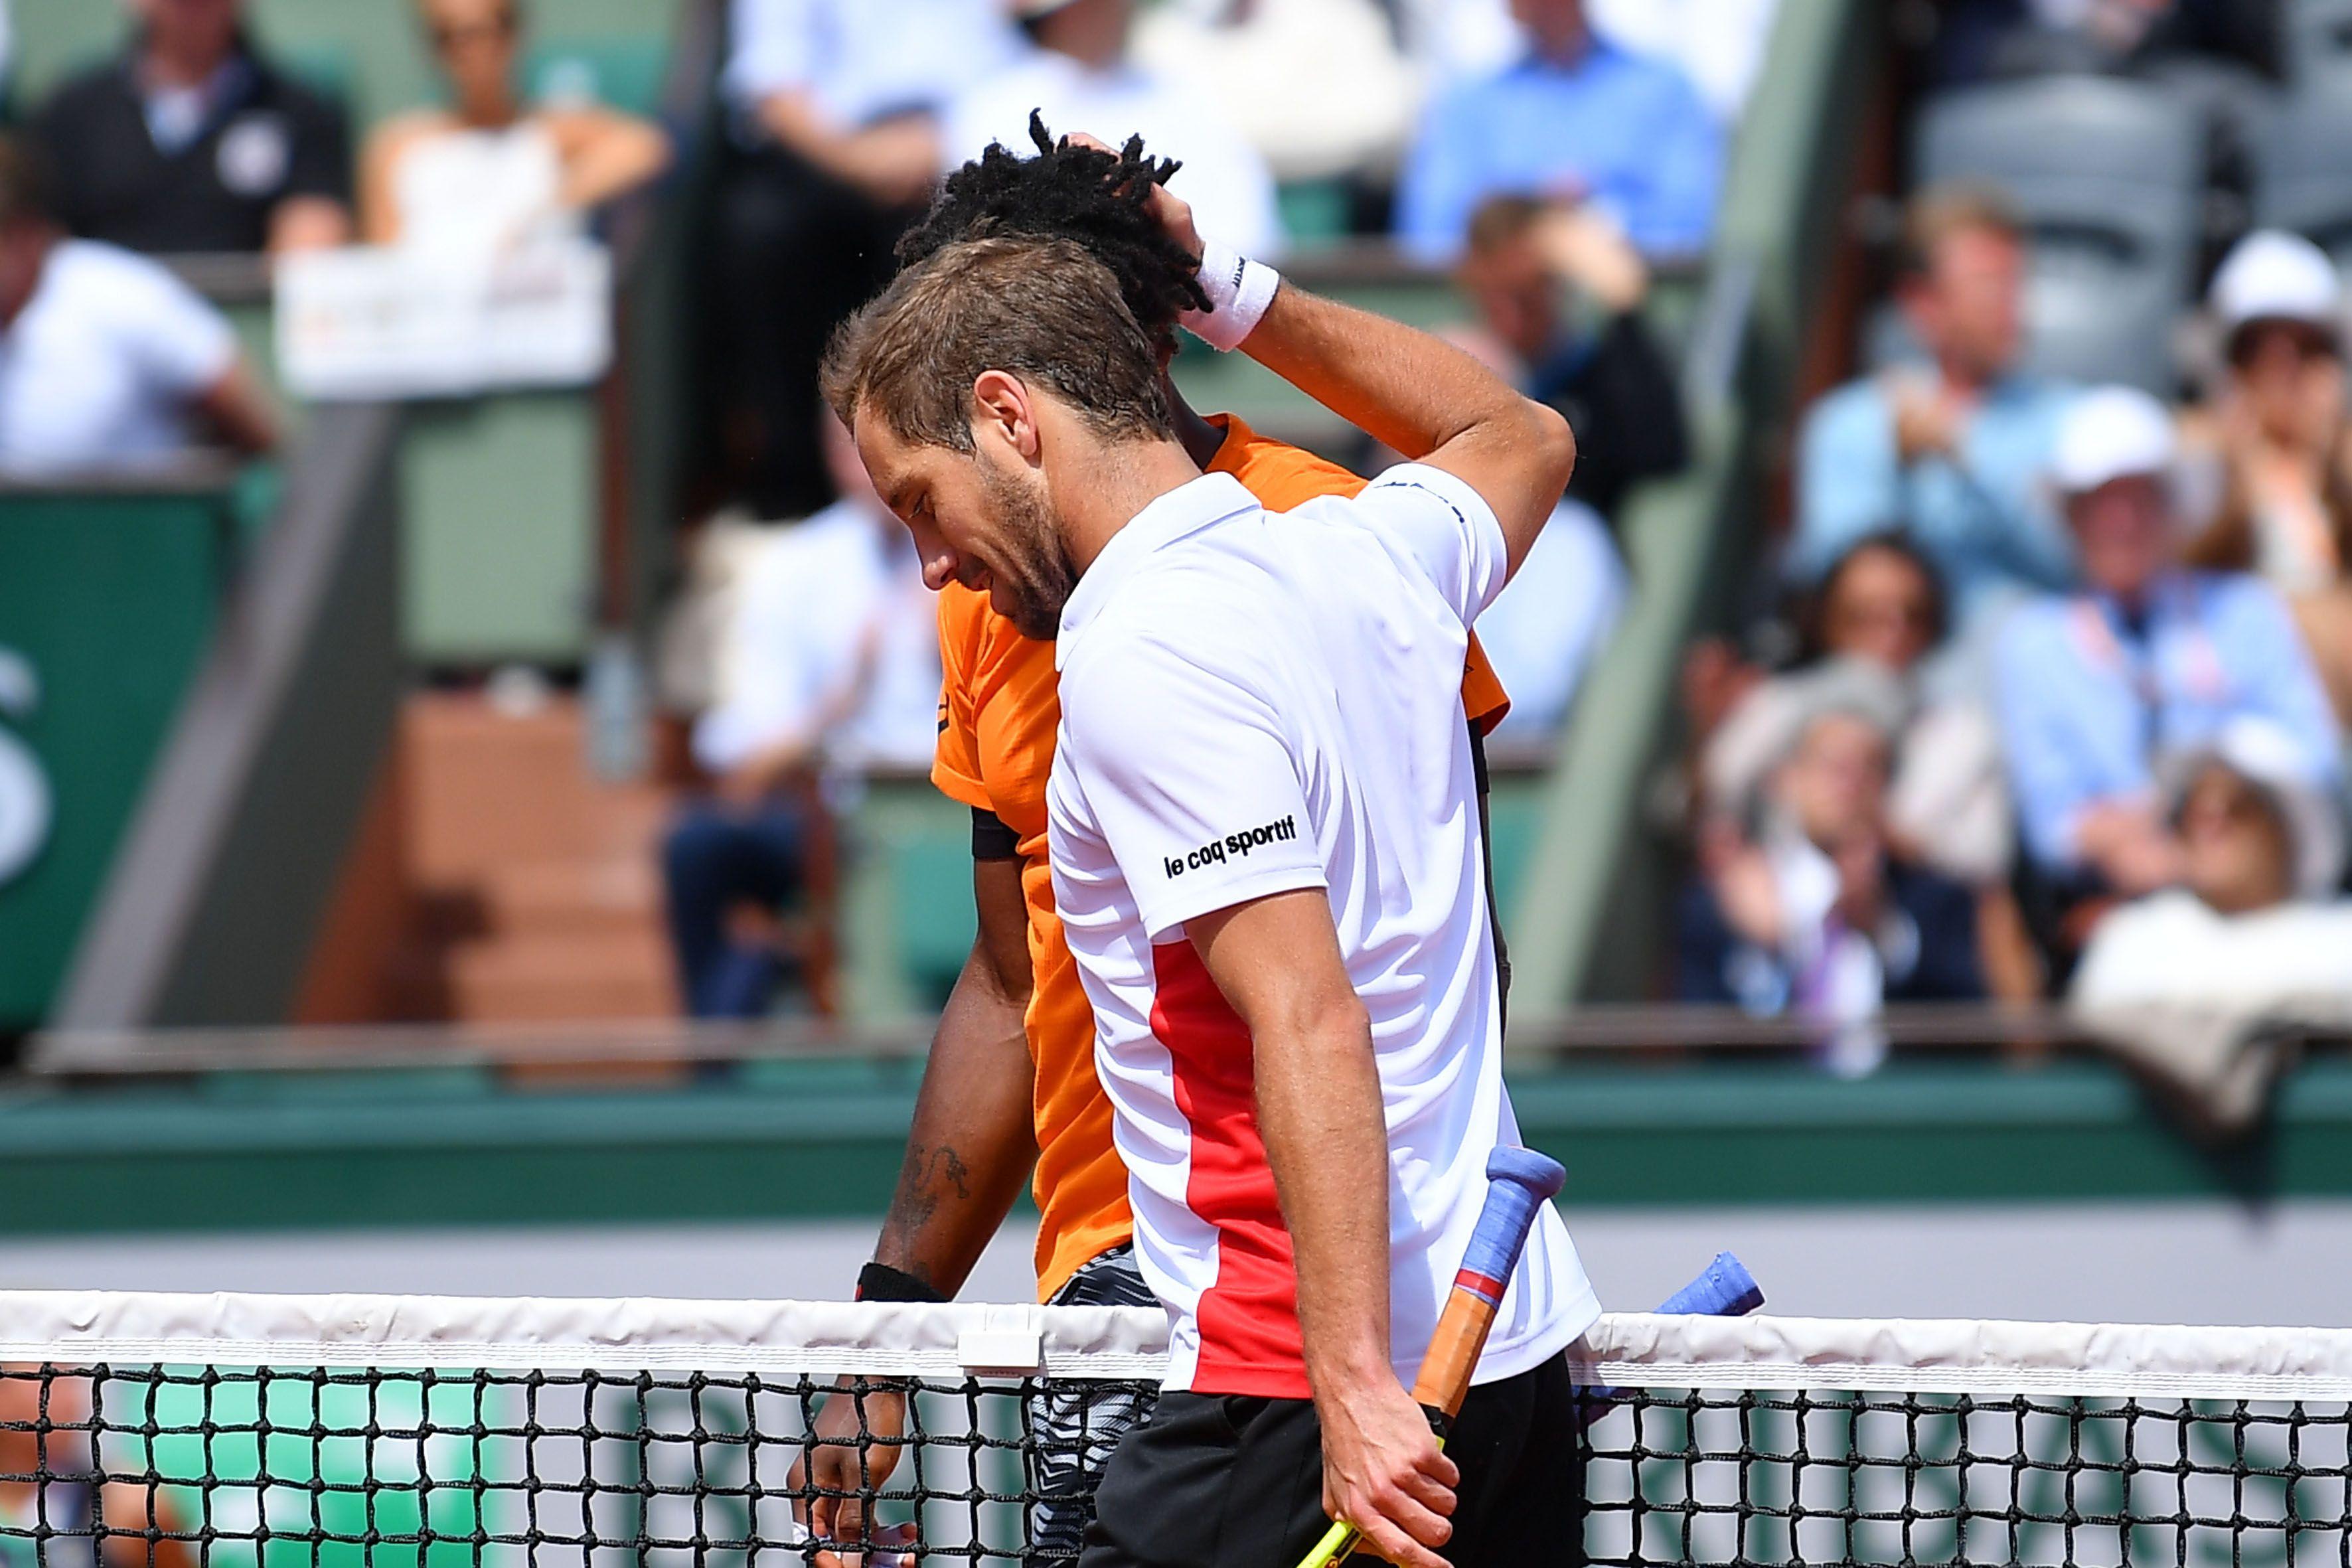 Tennis - ATP - Halle : un Gasquet virevoltant élimine Monfils au 1er tour